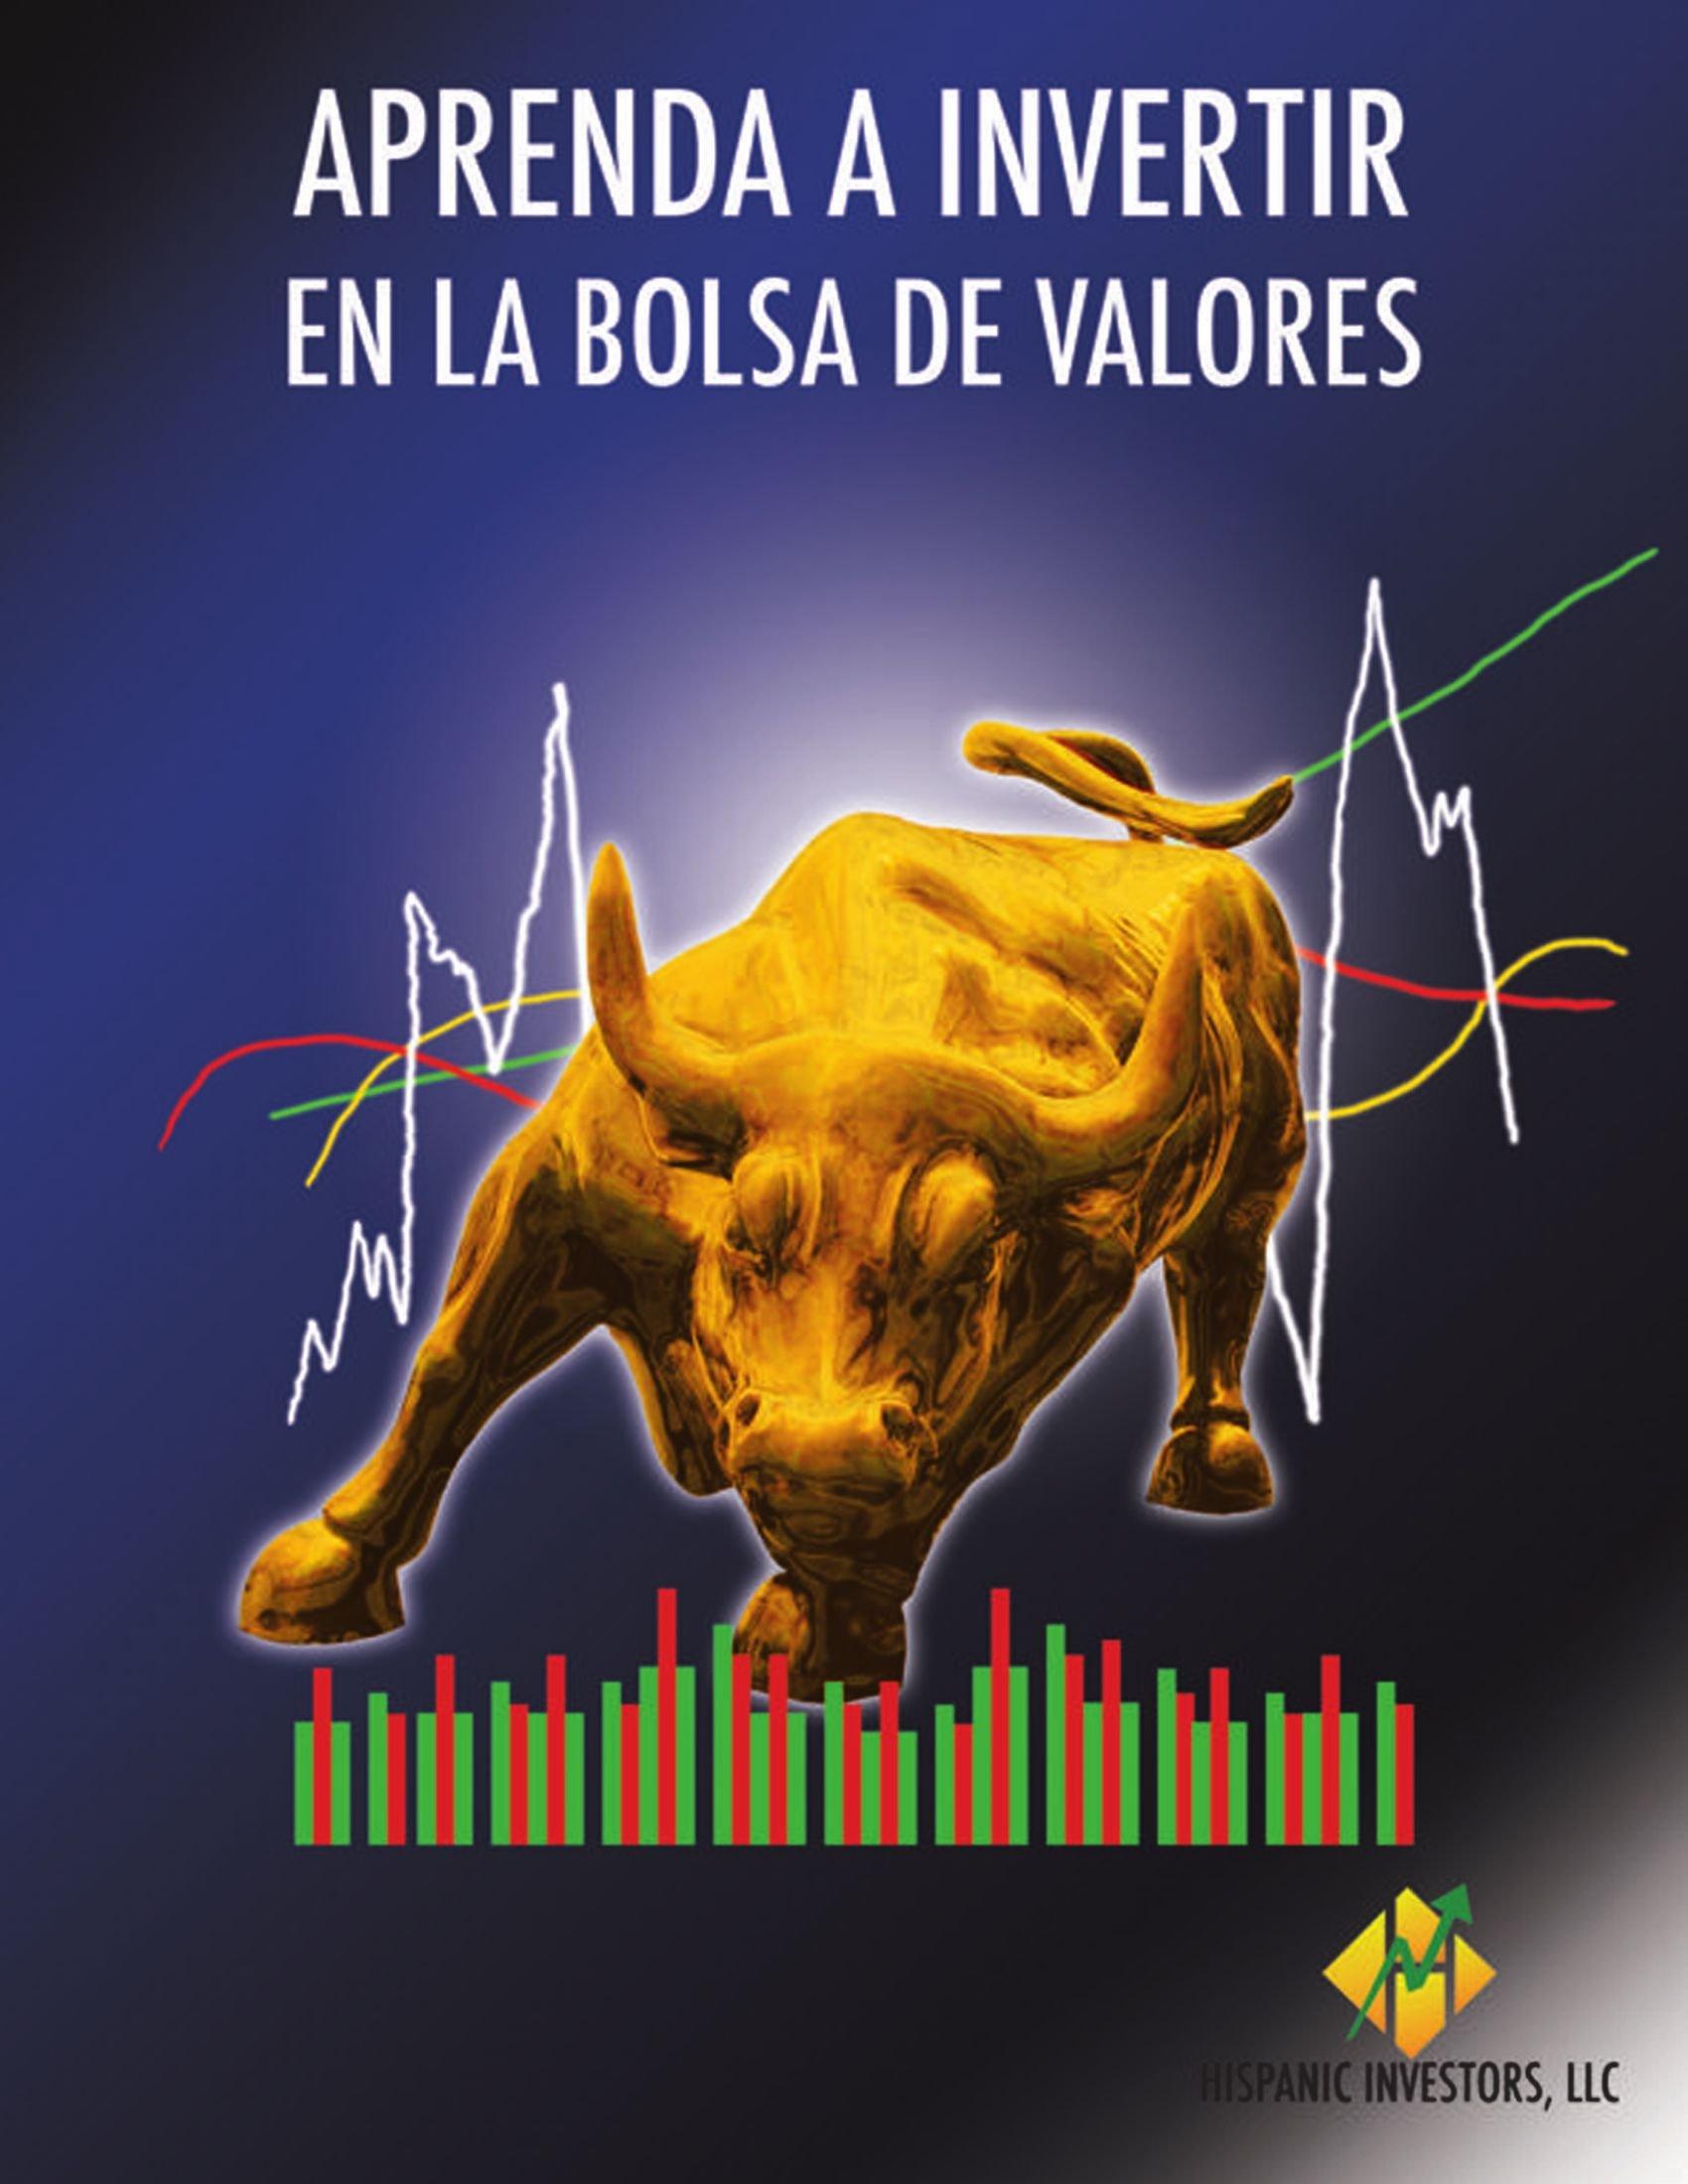 APRENDA A INVERTIR EN LA BOLSA DE VALORES: Amazon.es: Hispanic Investors LLC: Libros